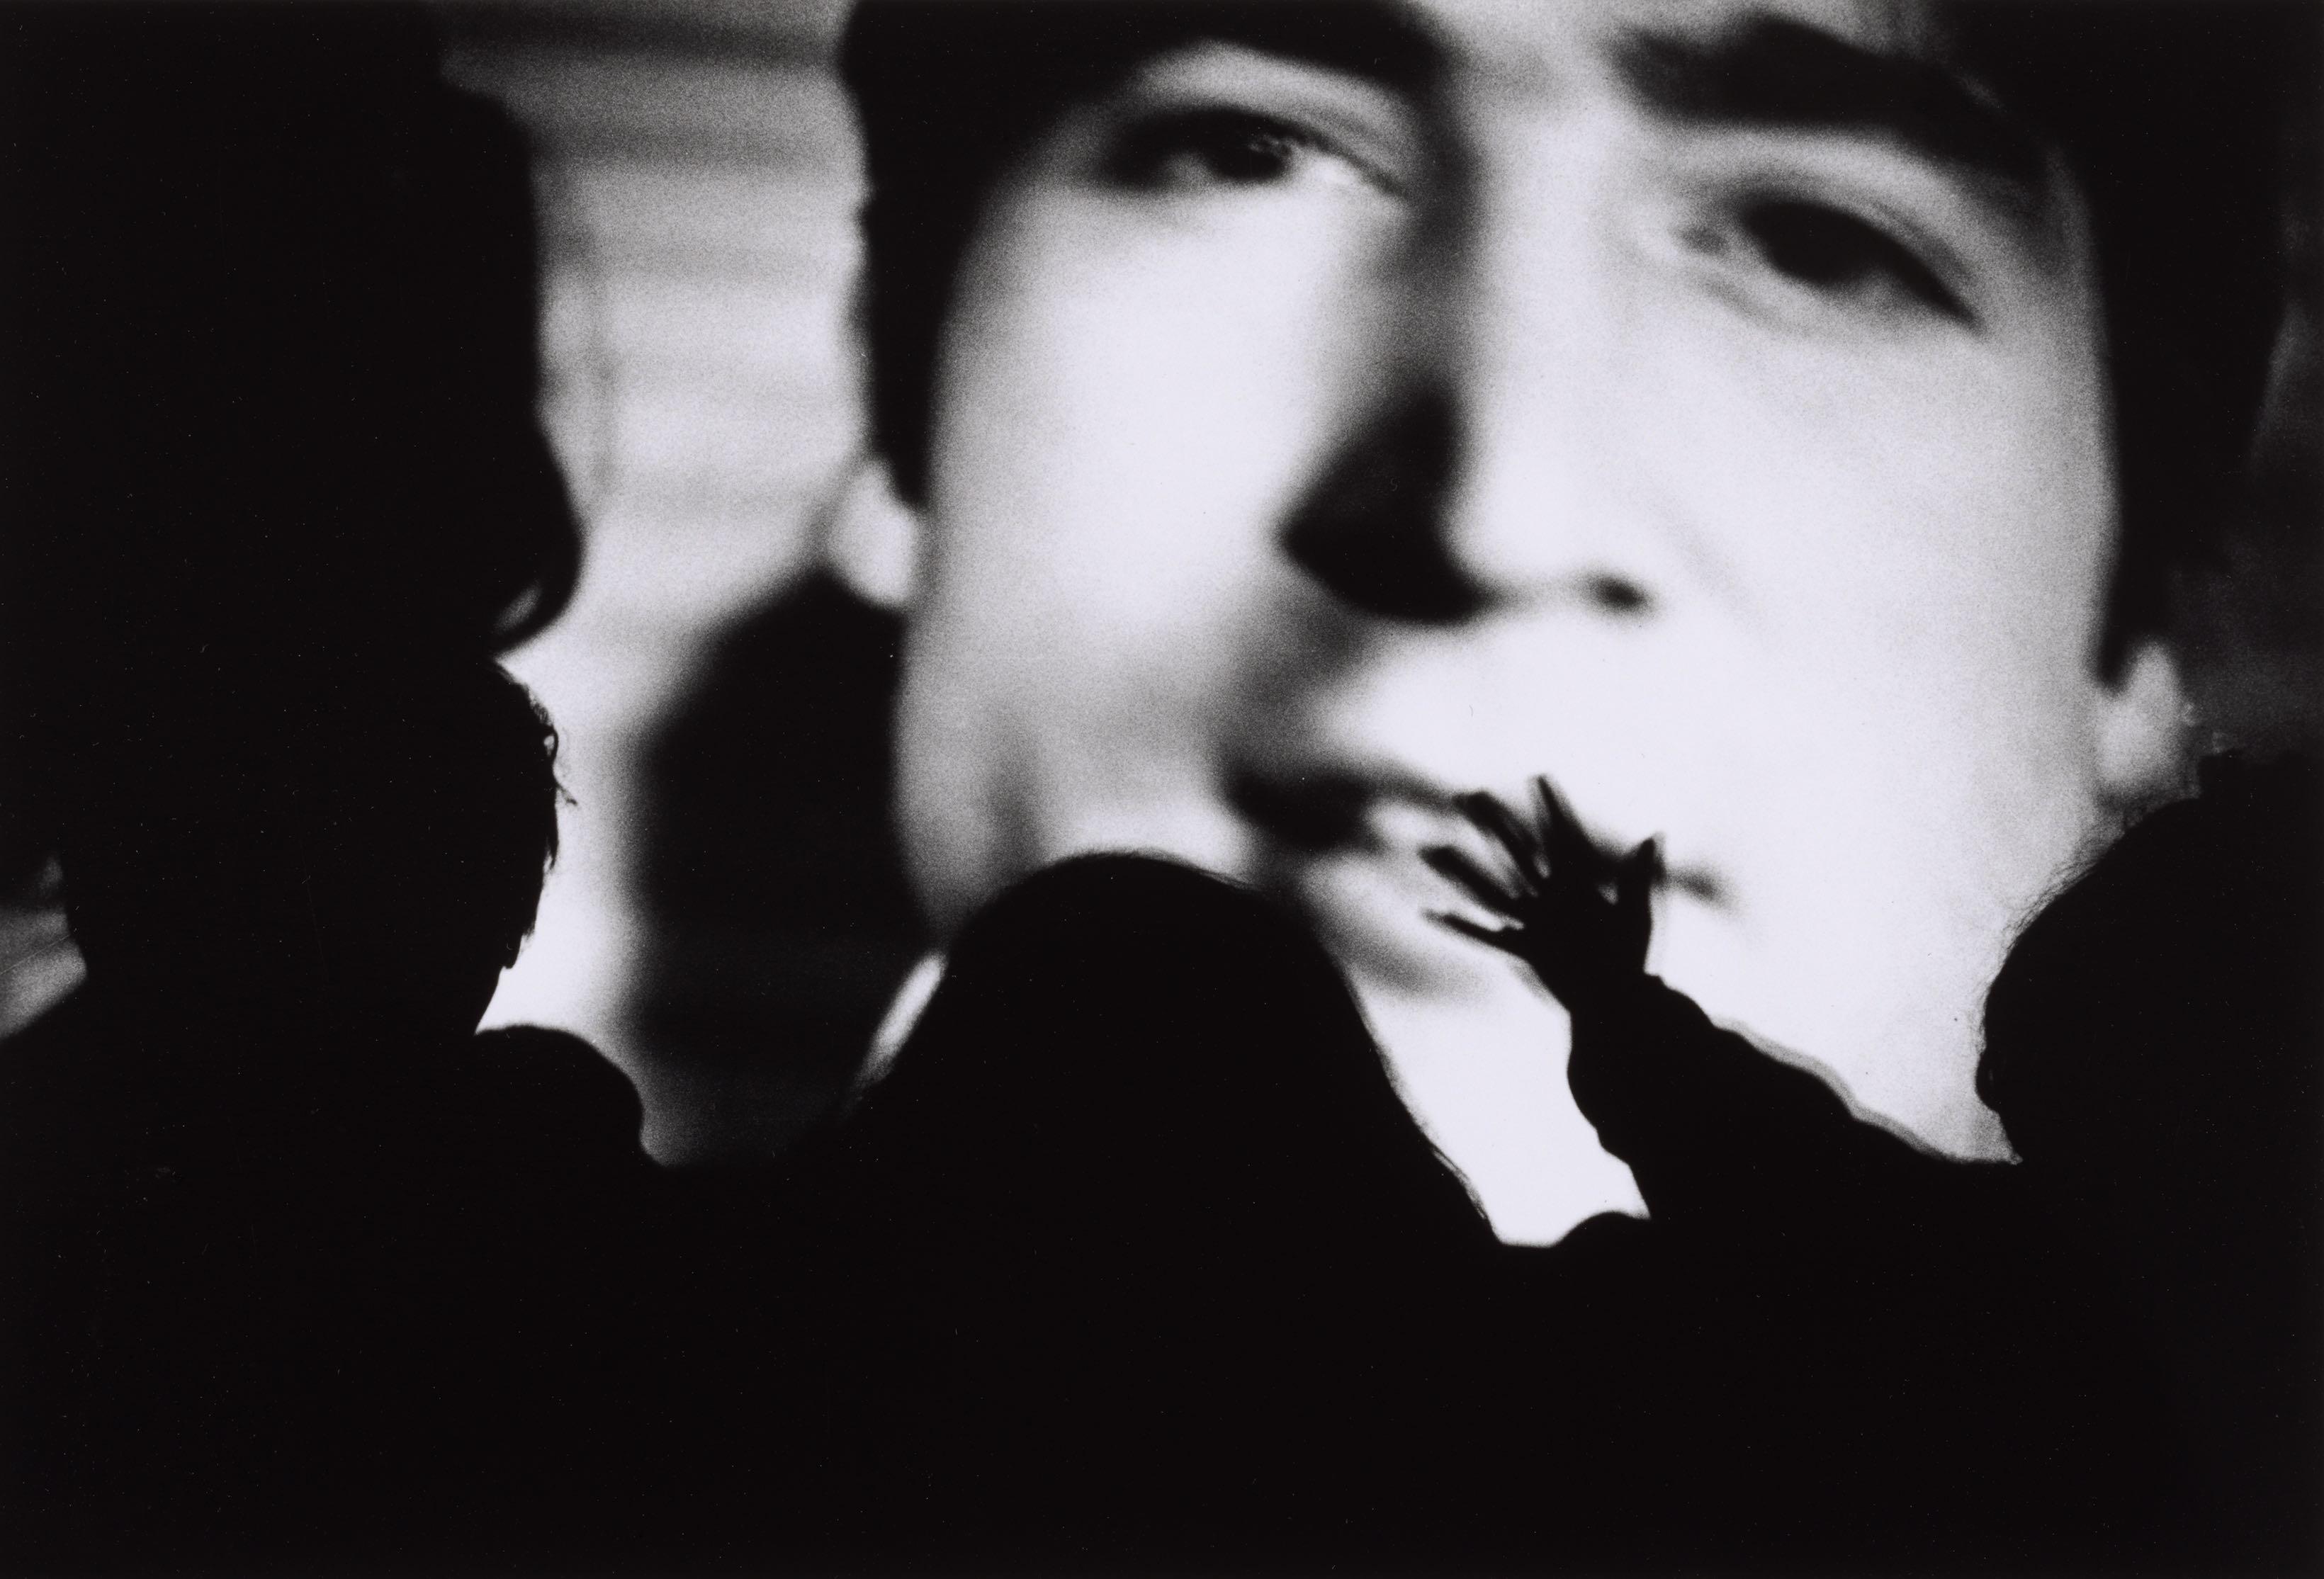 Yutaka Takanashi The Beatles, from the series Tokyoites, 1965